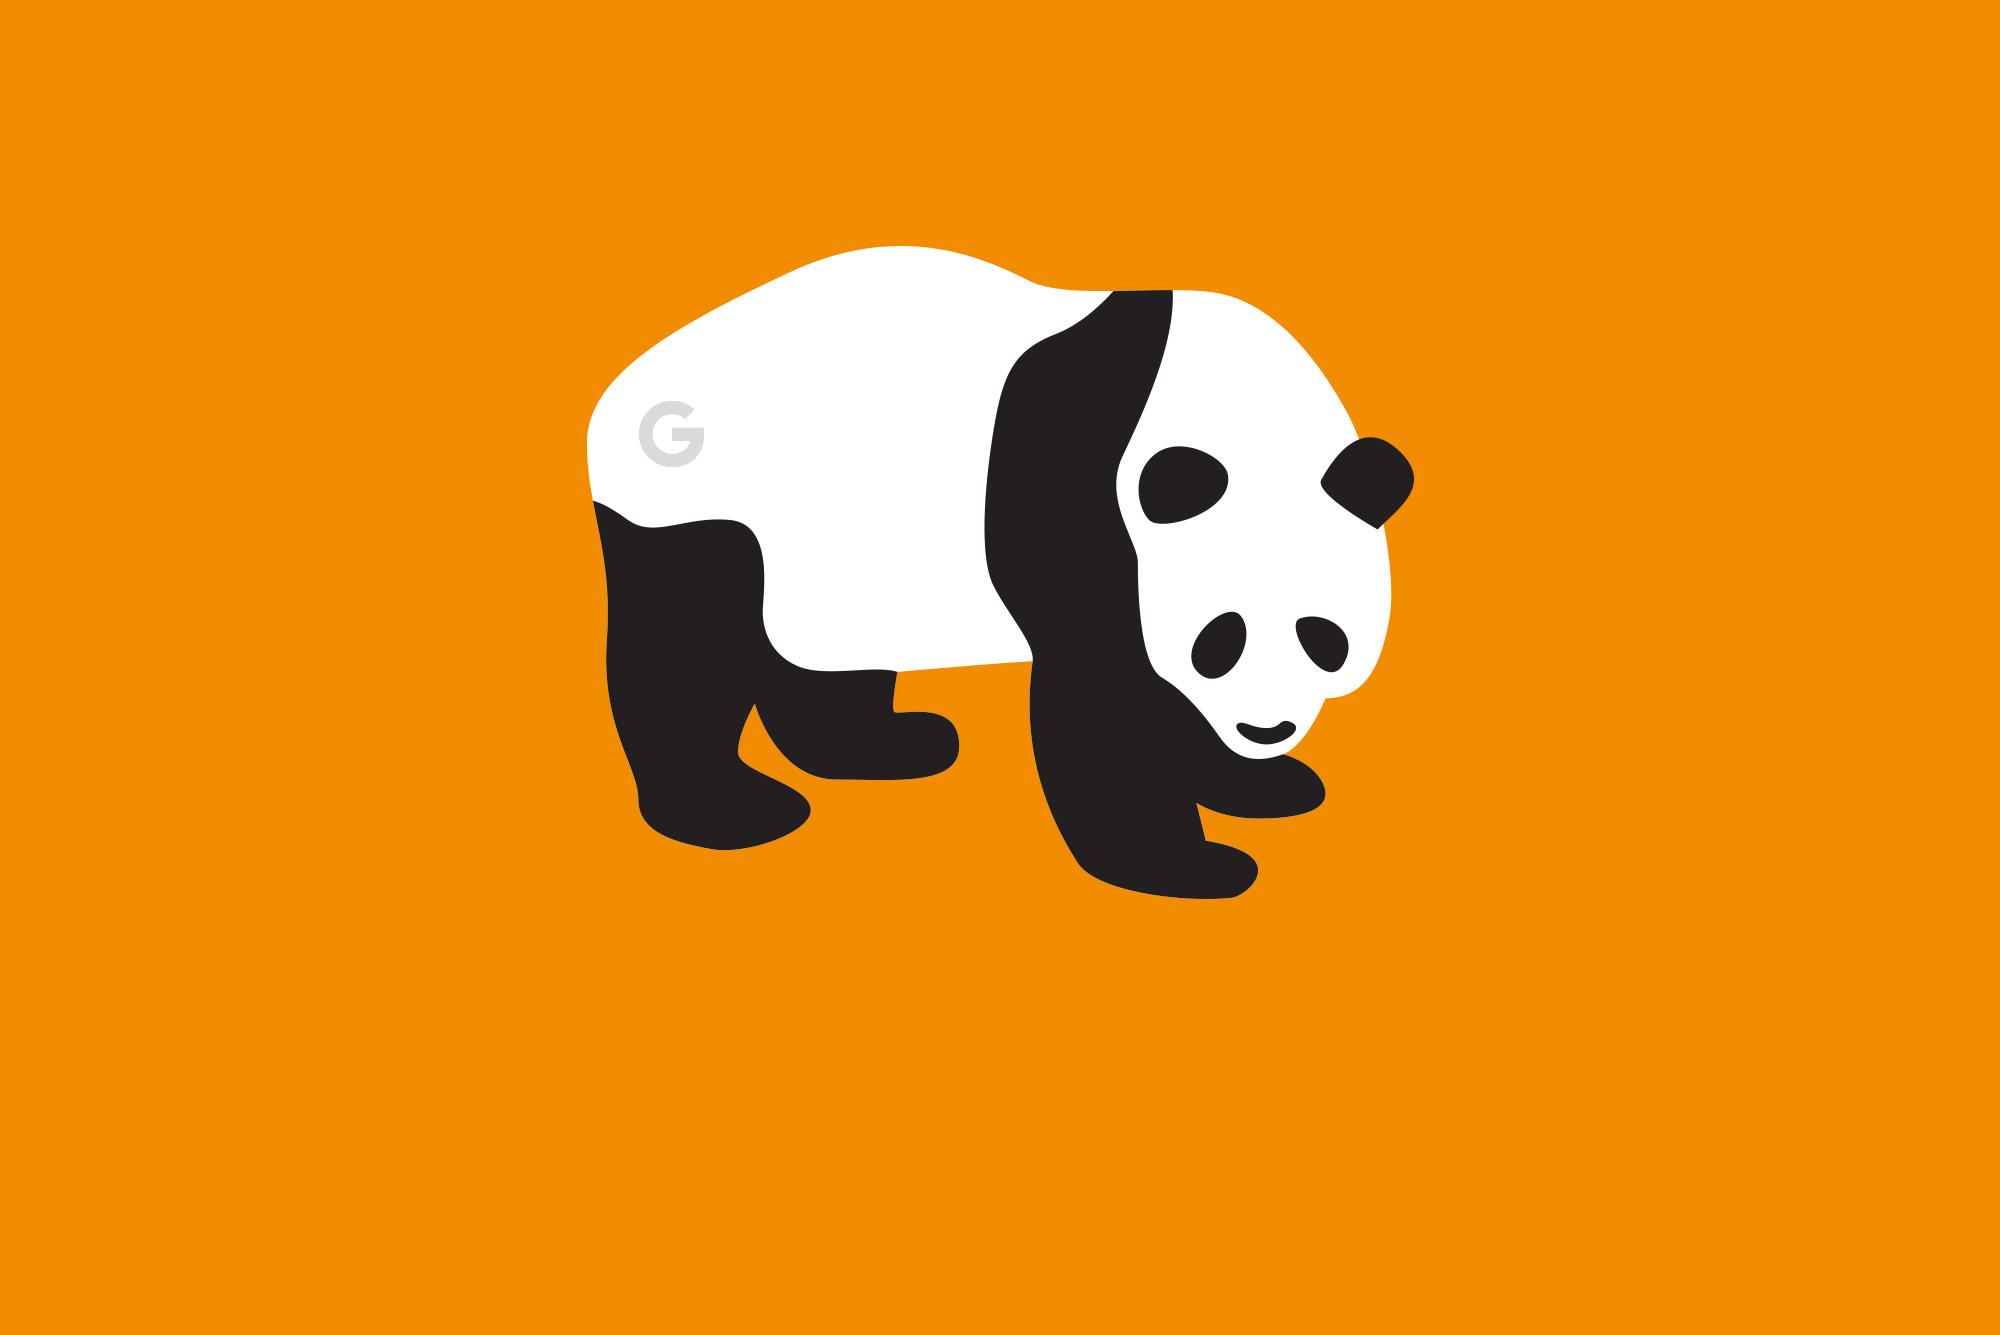 Google Panda on orange background - Google Algorithm Update